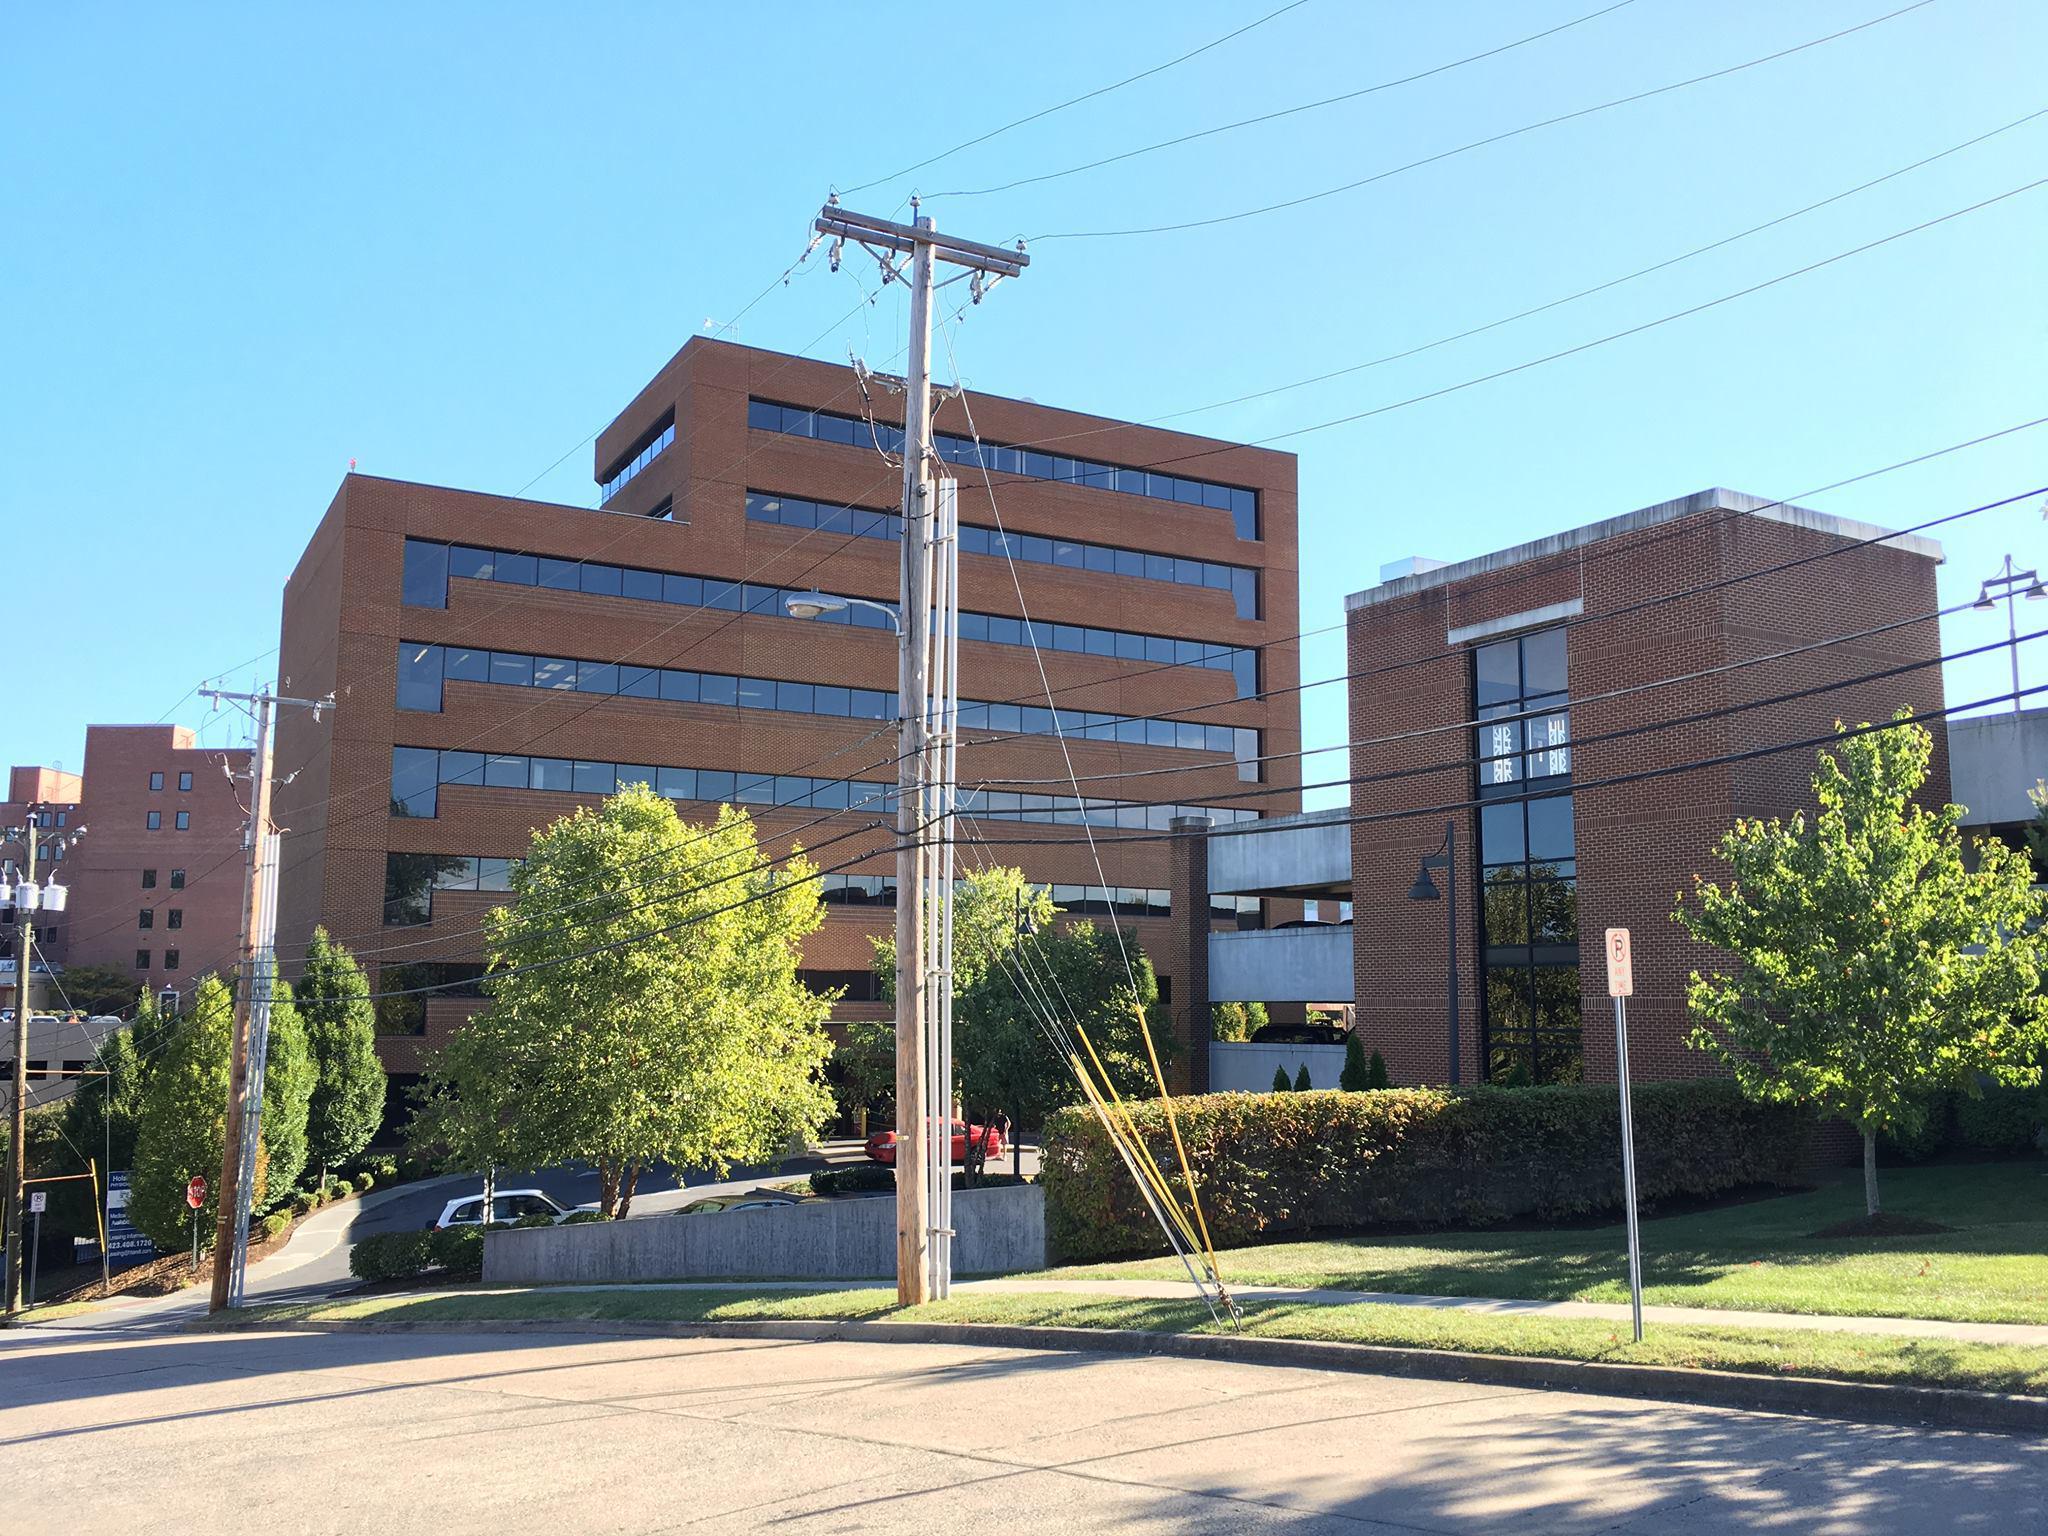 The Regional Eye Center image 1